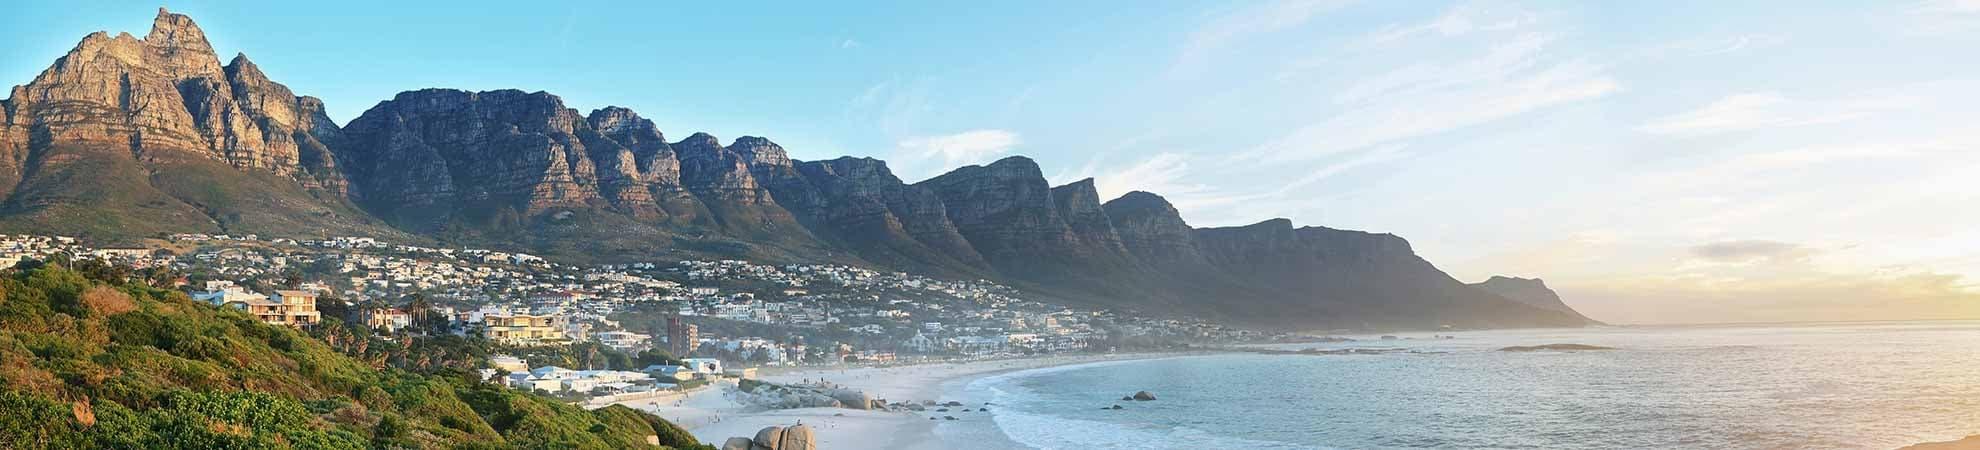 Voyage La Péninsule du Cap - Afrique du Sud